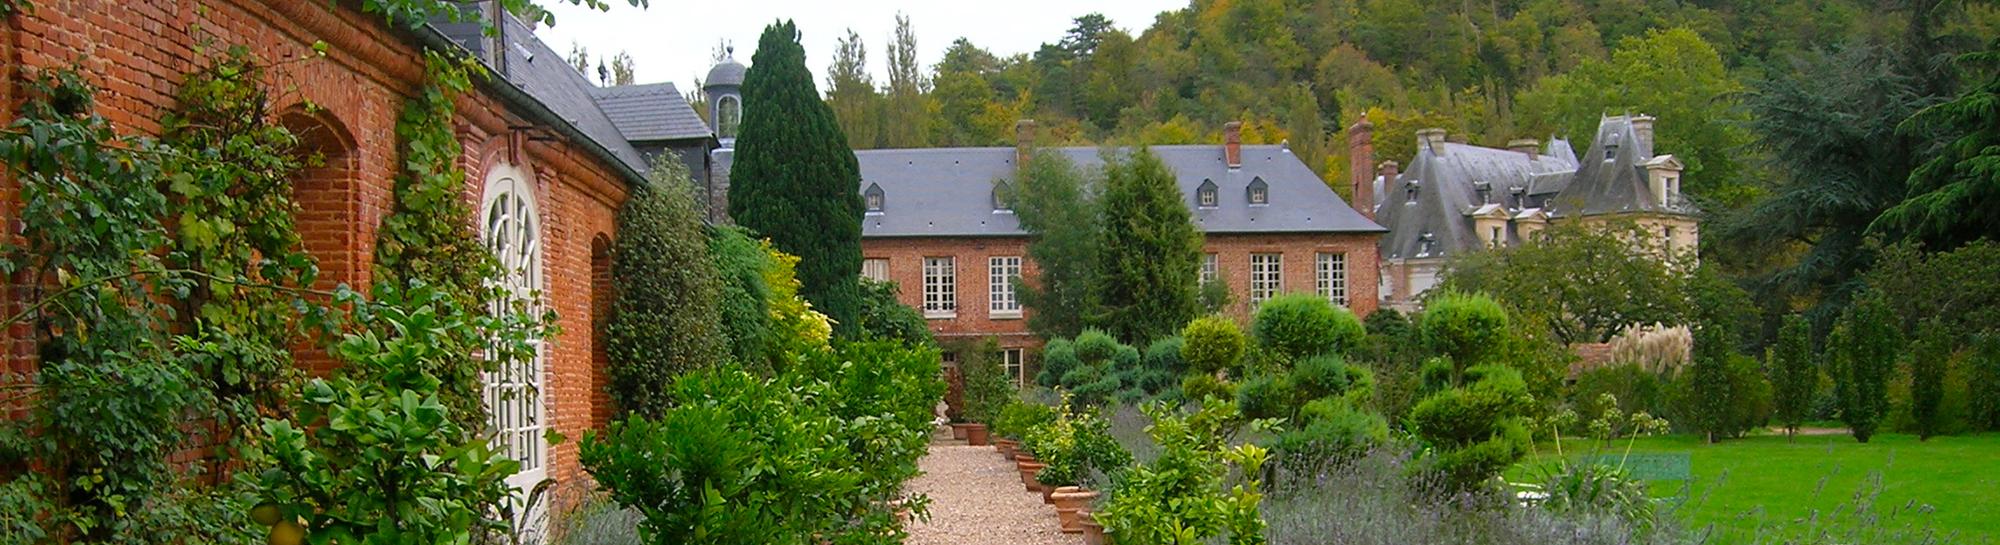 Orangerie du château d'Acquigny- Normandie (A.Morin)